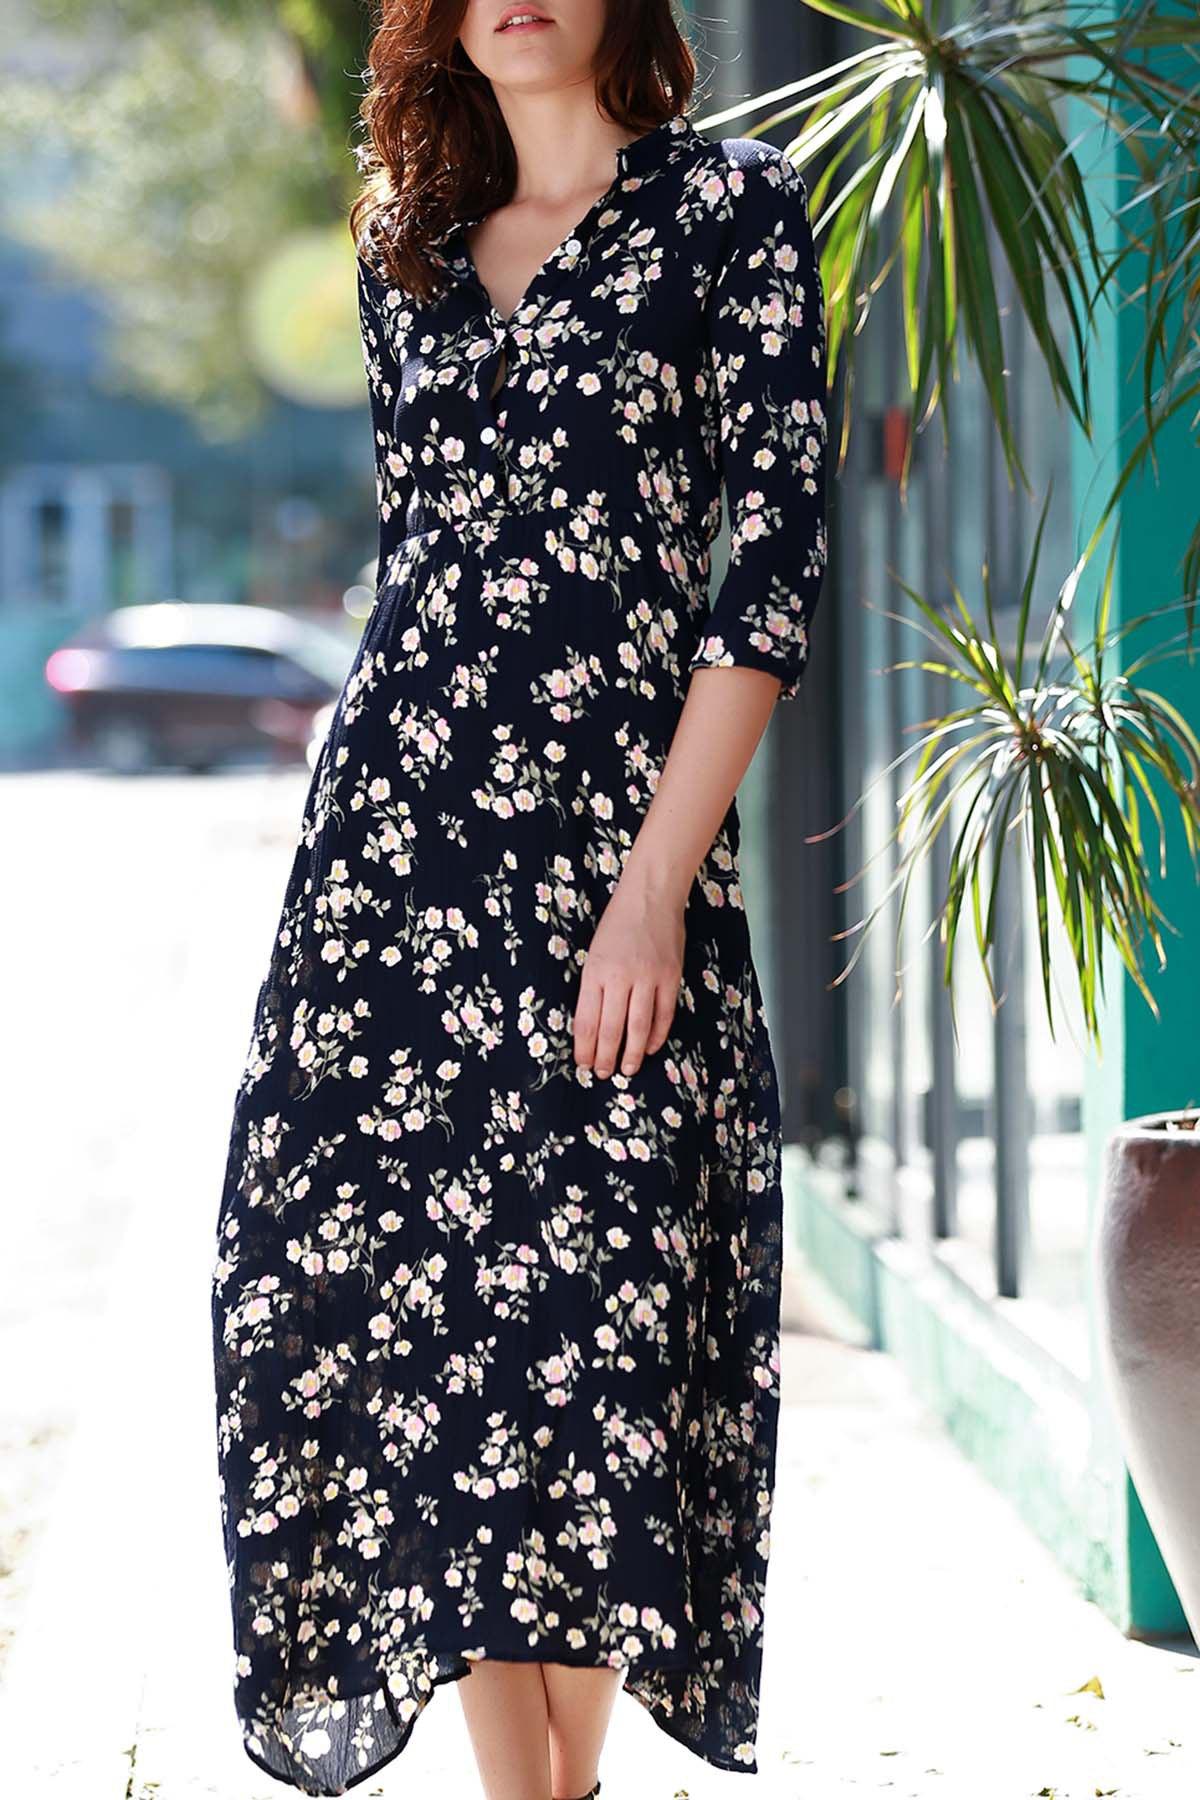 Floral Printed 3/4 Sleeve Dress - BLACK S